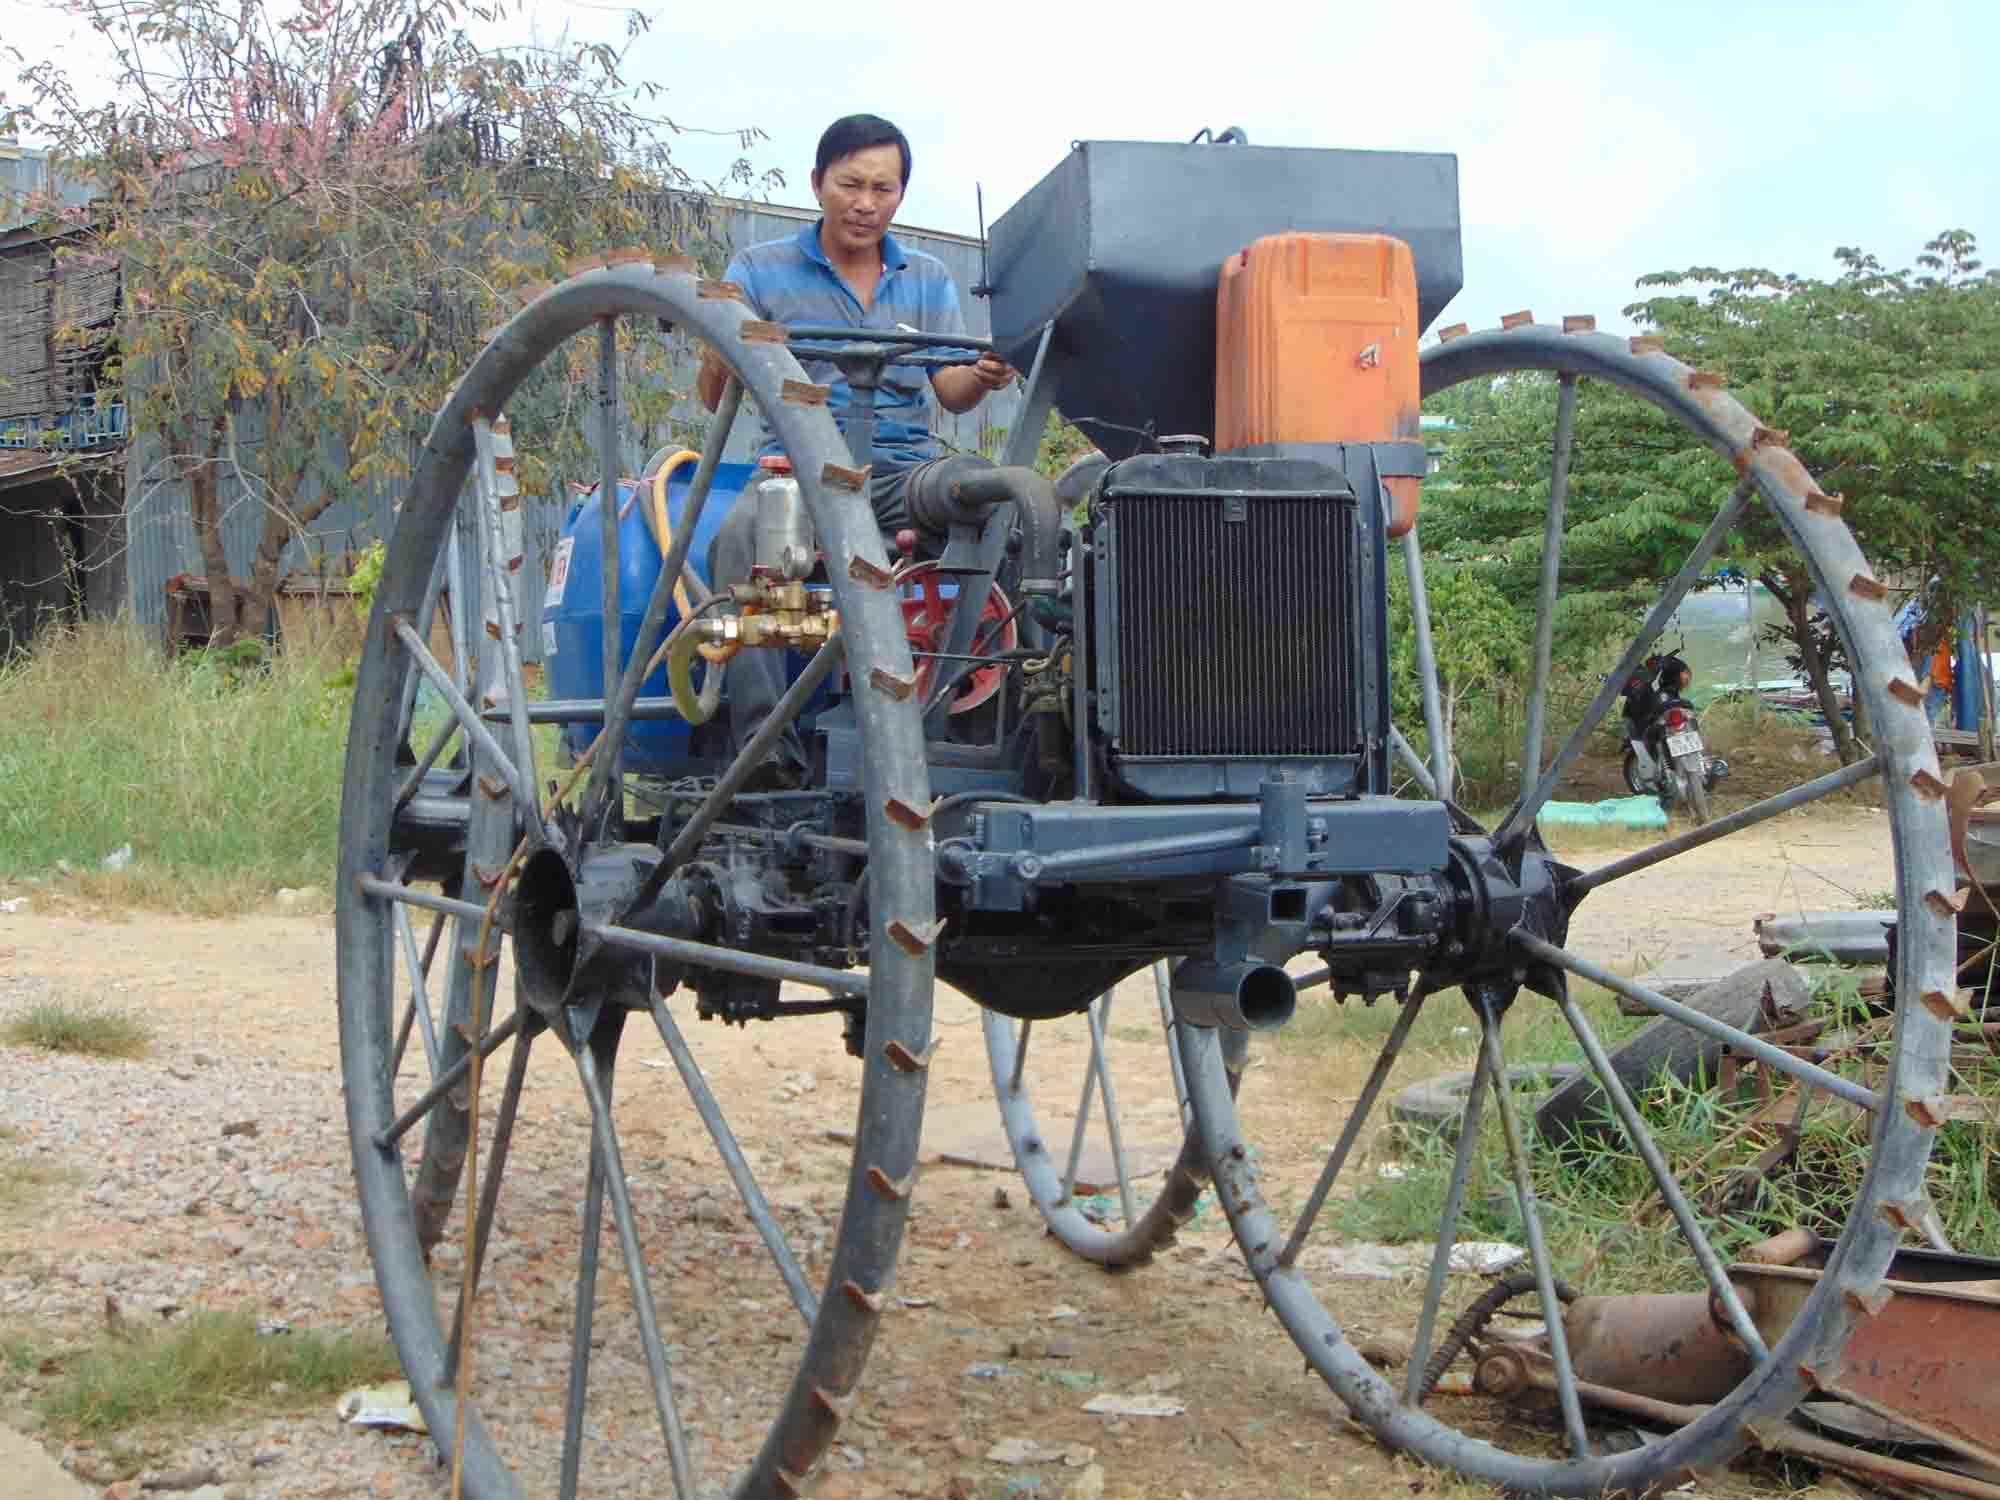 Nông dân, chế tạo, sáng chế, máy đa chức năng, Campuchia, kỹ sư